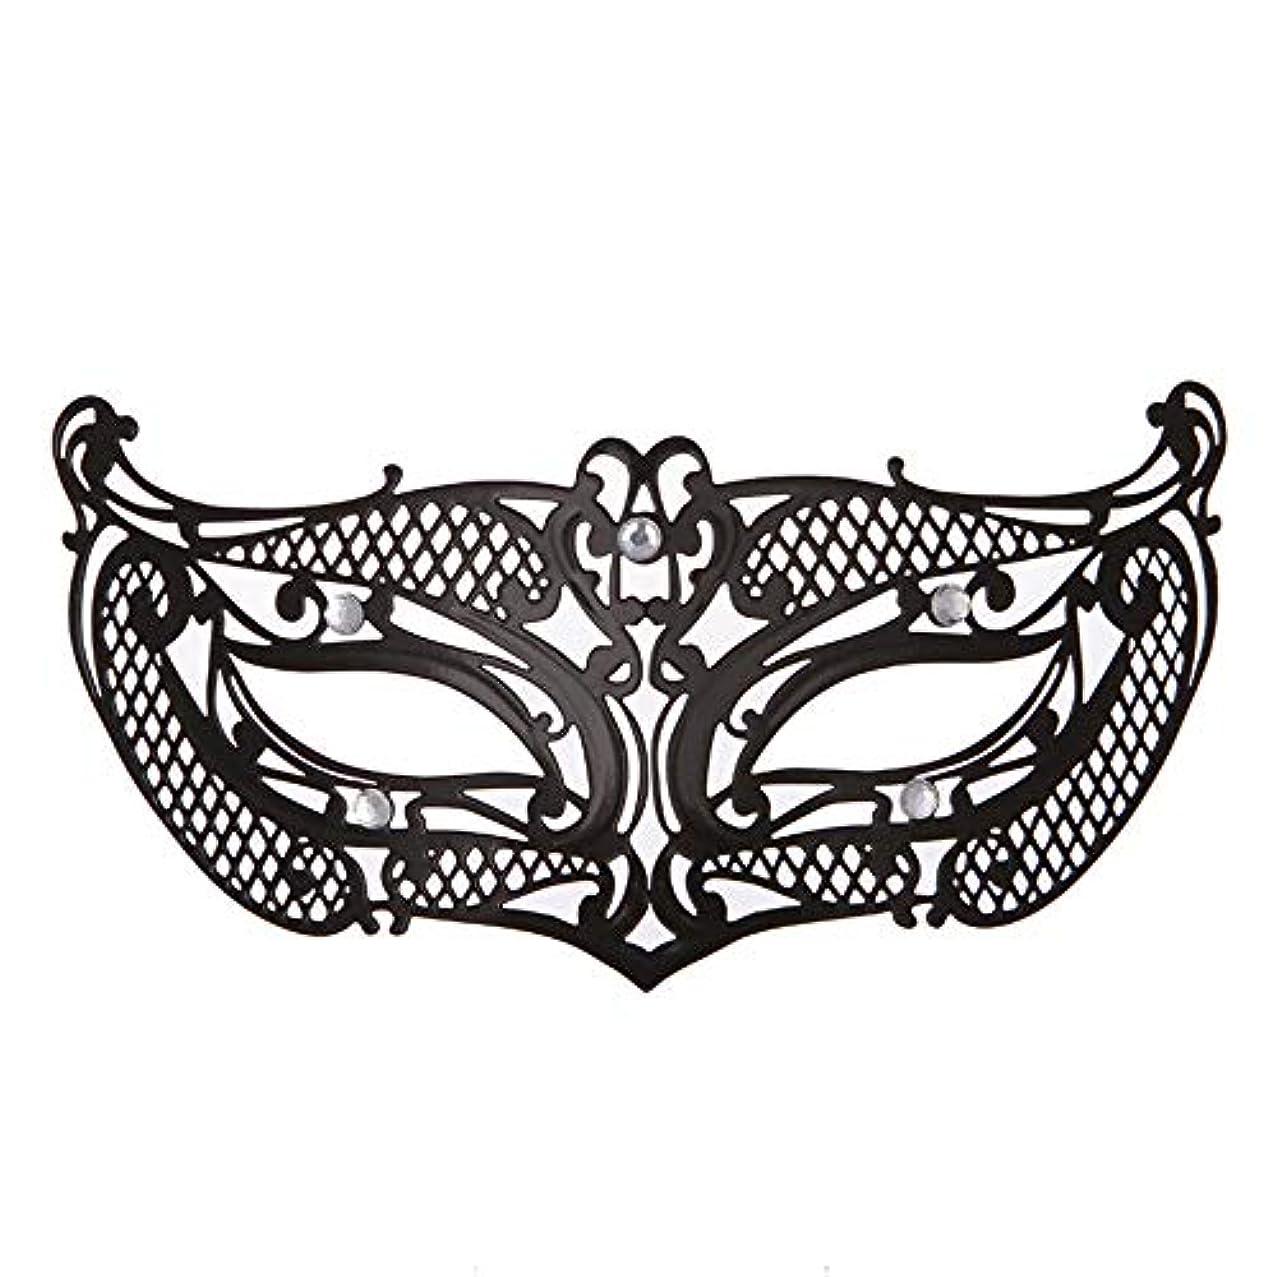 難しいオークランド食事ダンスマスク アイアンメタリックレースとダイヤモンドハーフマスクハロウィンダンスマスクナイトクラブボールマスクコスプレパーティーハロウィンマスク ホリデーパーティー用品 (色 : ブラック, サイズ : 19x8cm)